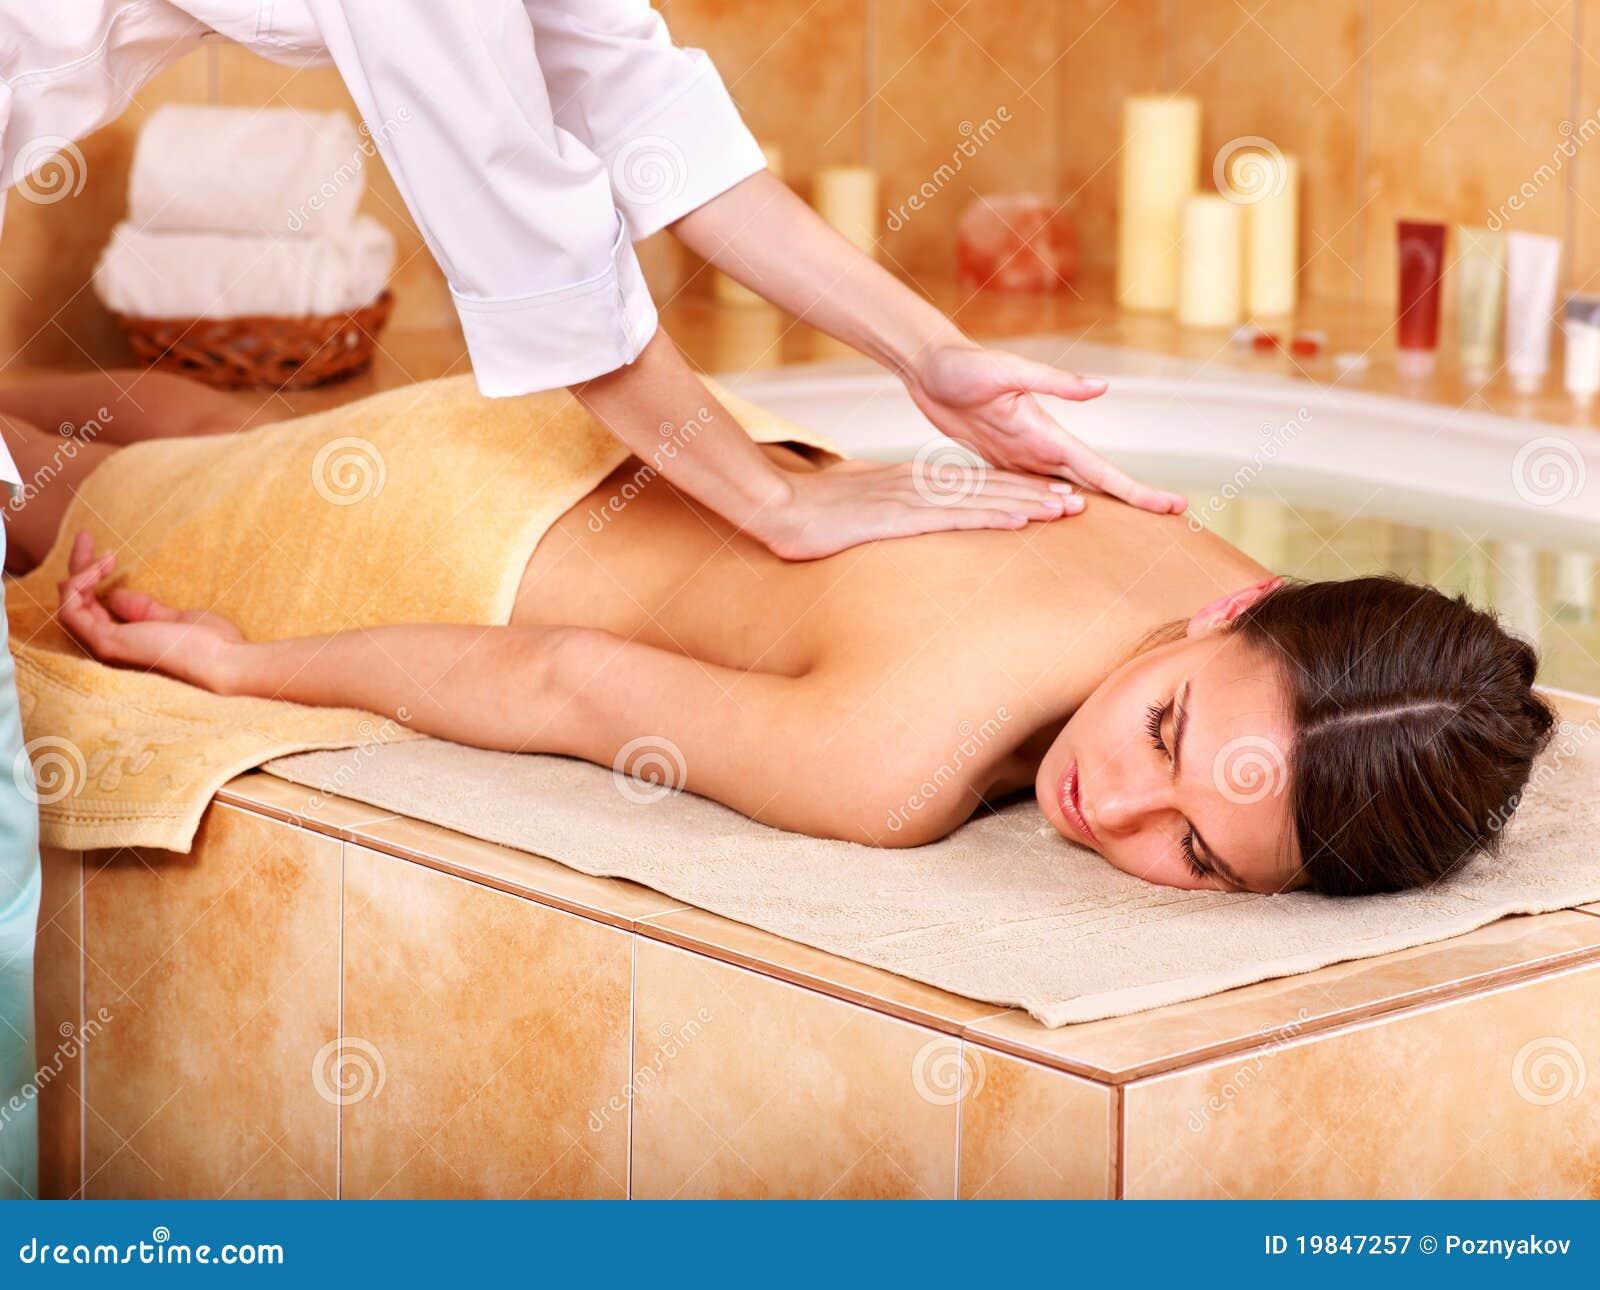 Massagem da mulher em termas da beleza.